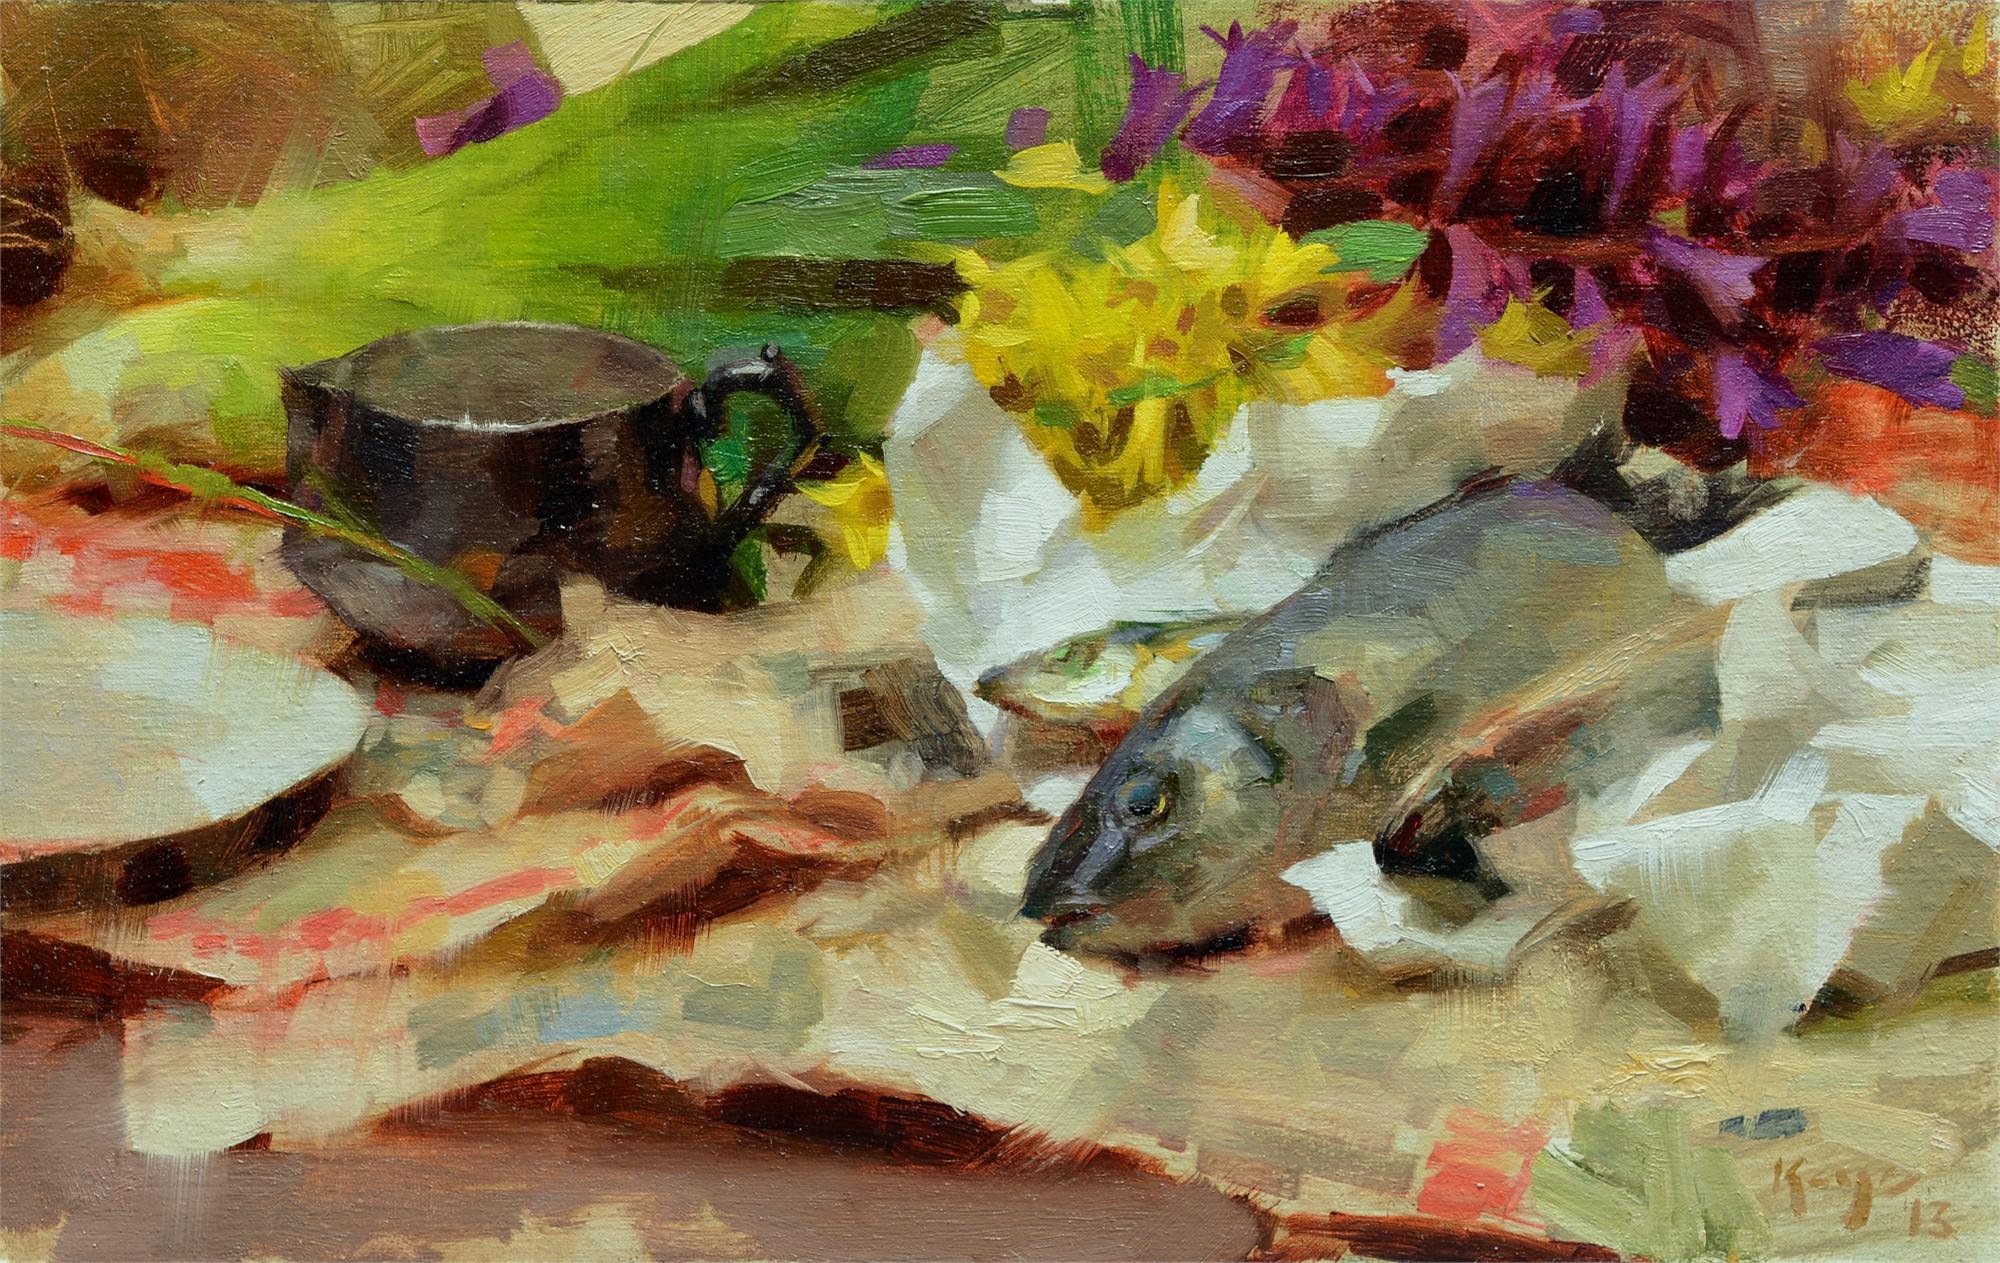 Fish Still Life by Daniel Keys